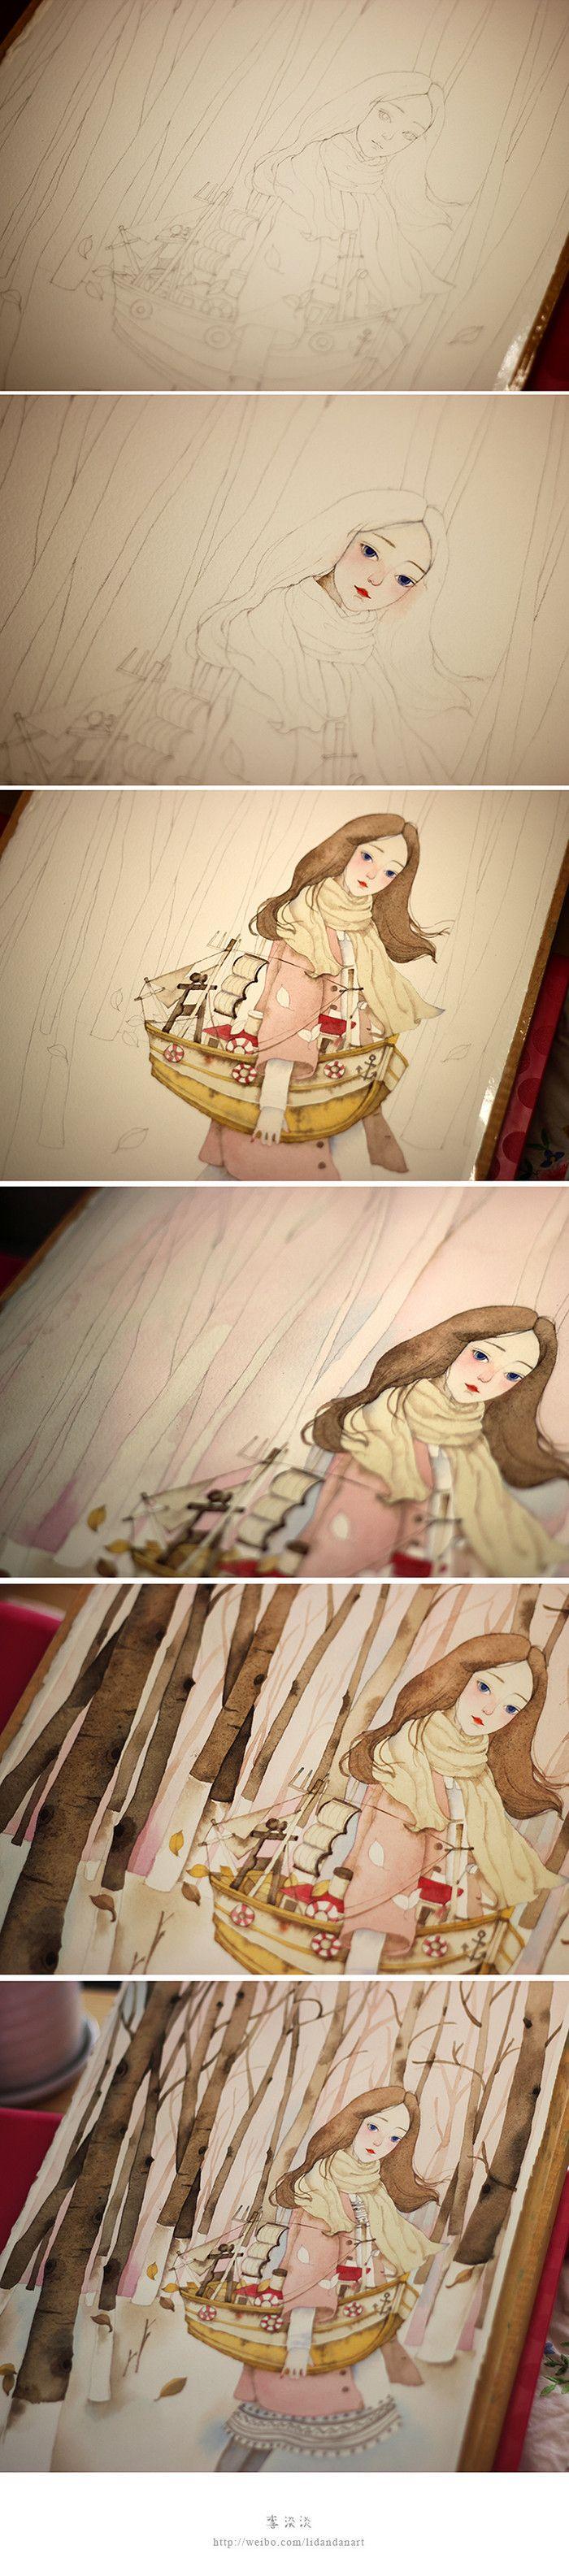 秋天的树-李淡淡_原创,插画,水彩,小清新_涂鸦王国插画